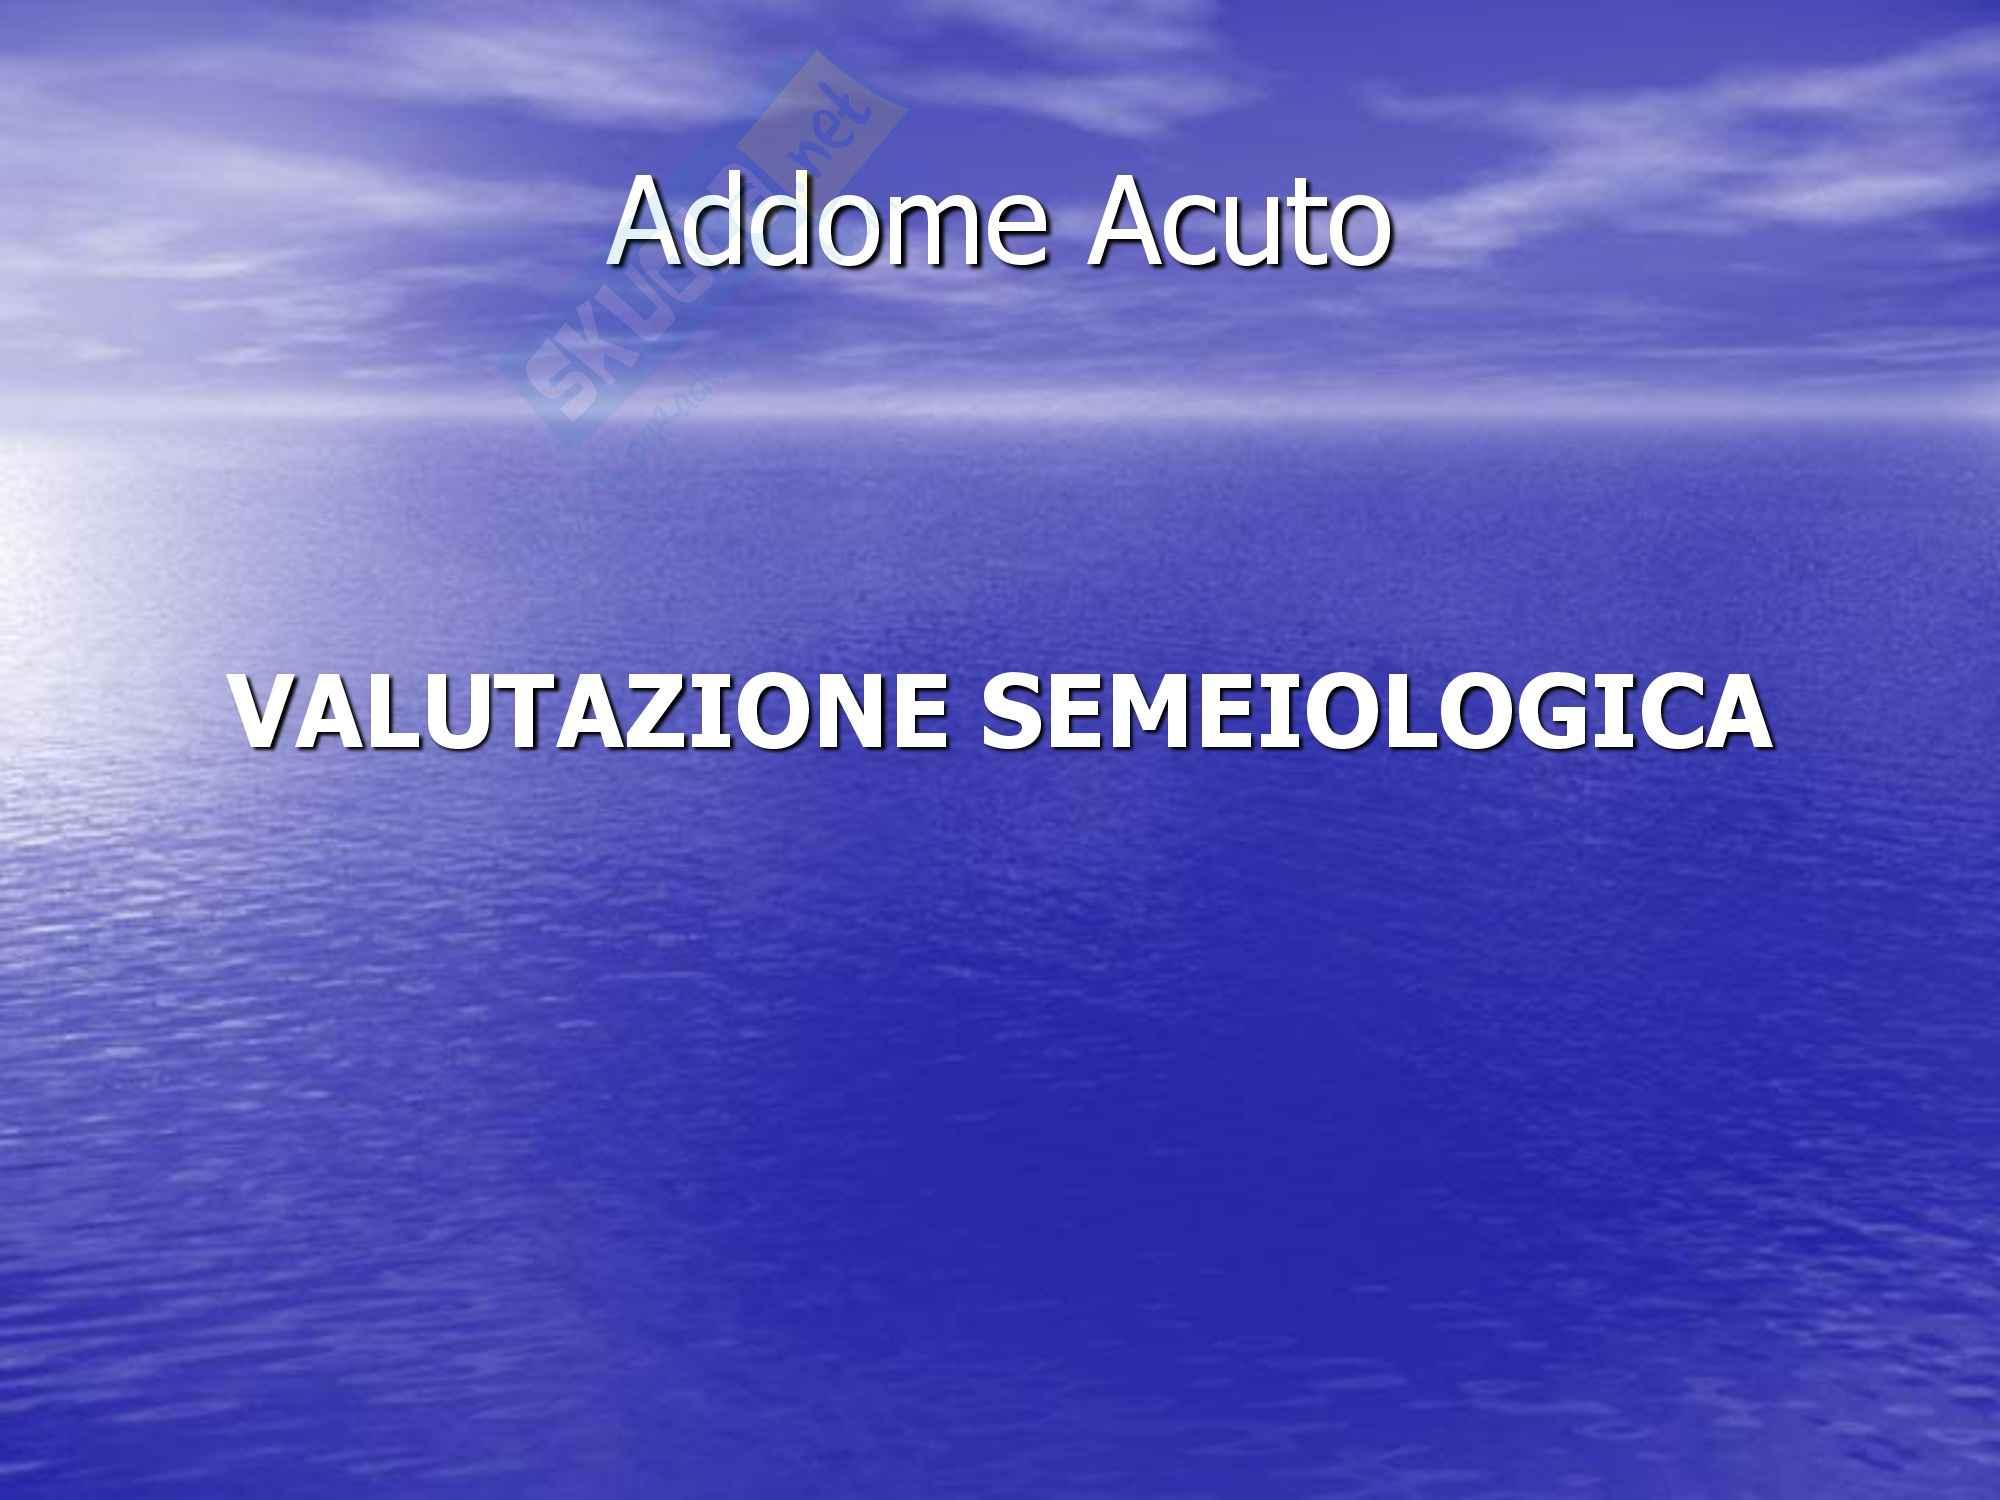 Chirurgia dell'apparato digerente - Addome Acuto, Diagnosi e Terapia